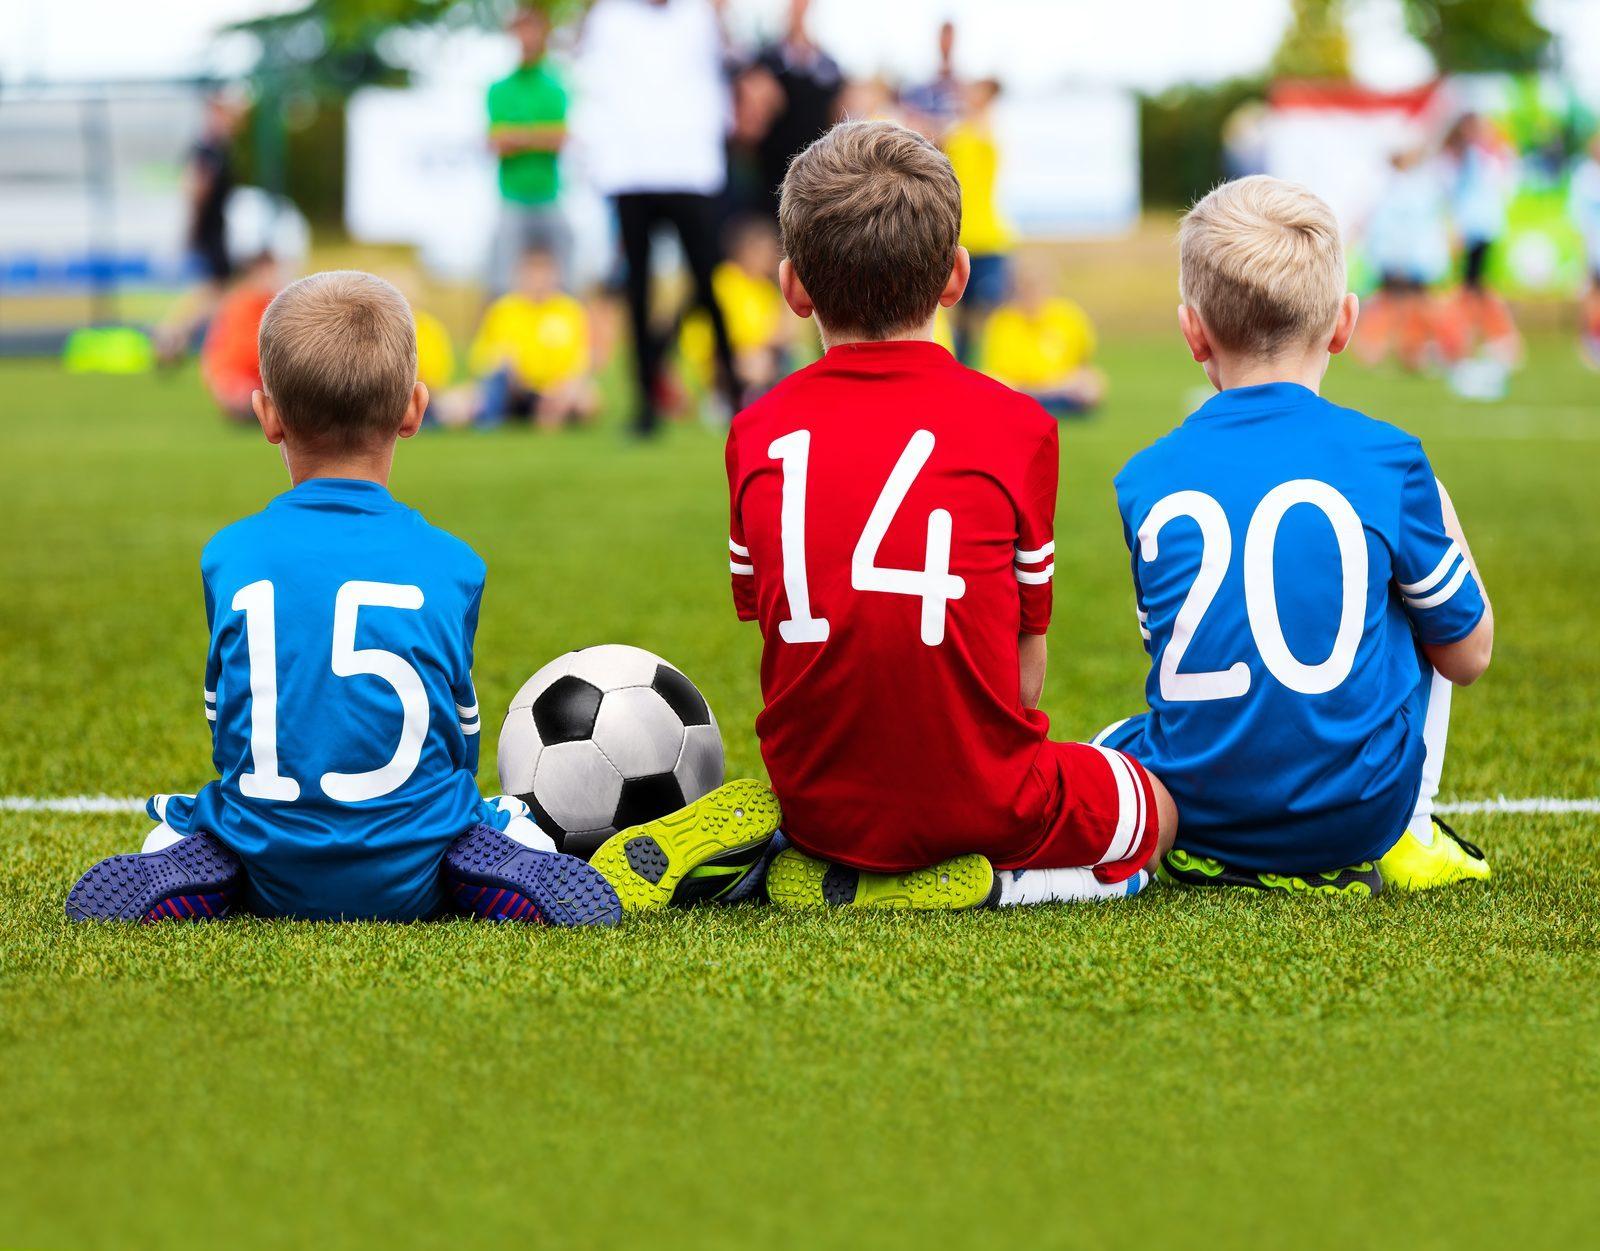 Groepsaccommodaties voor sportgroepen